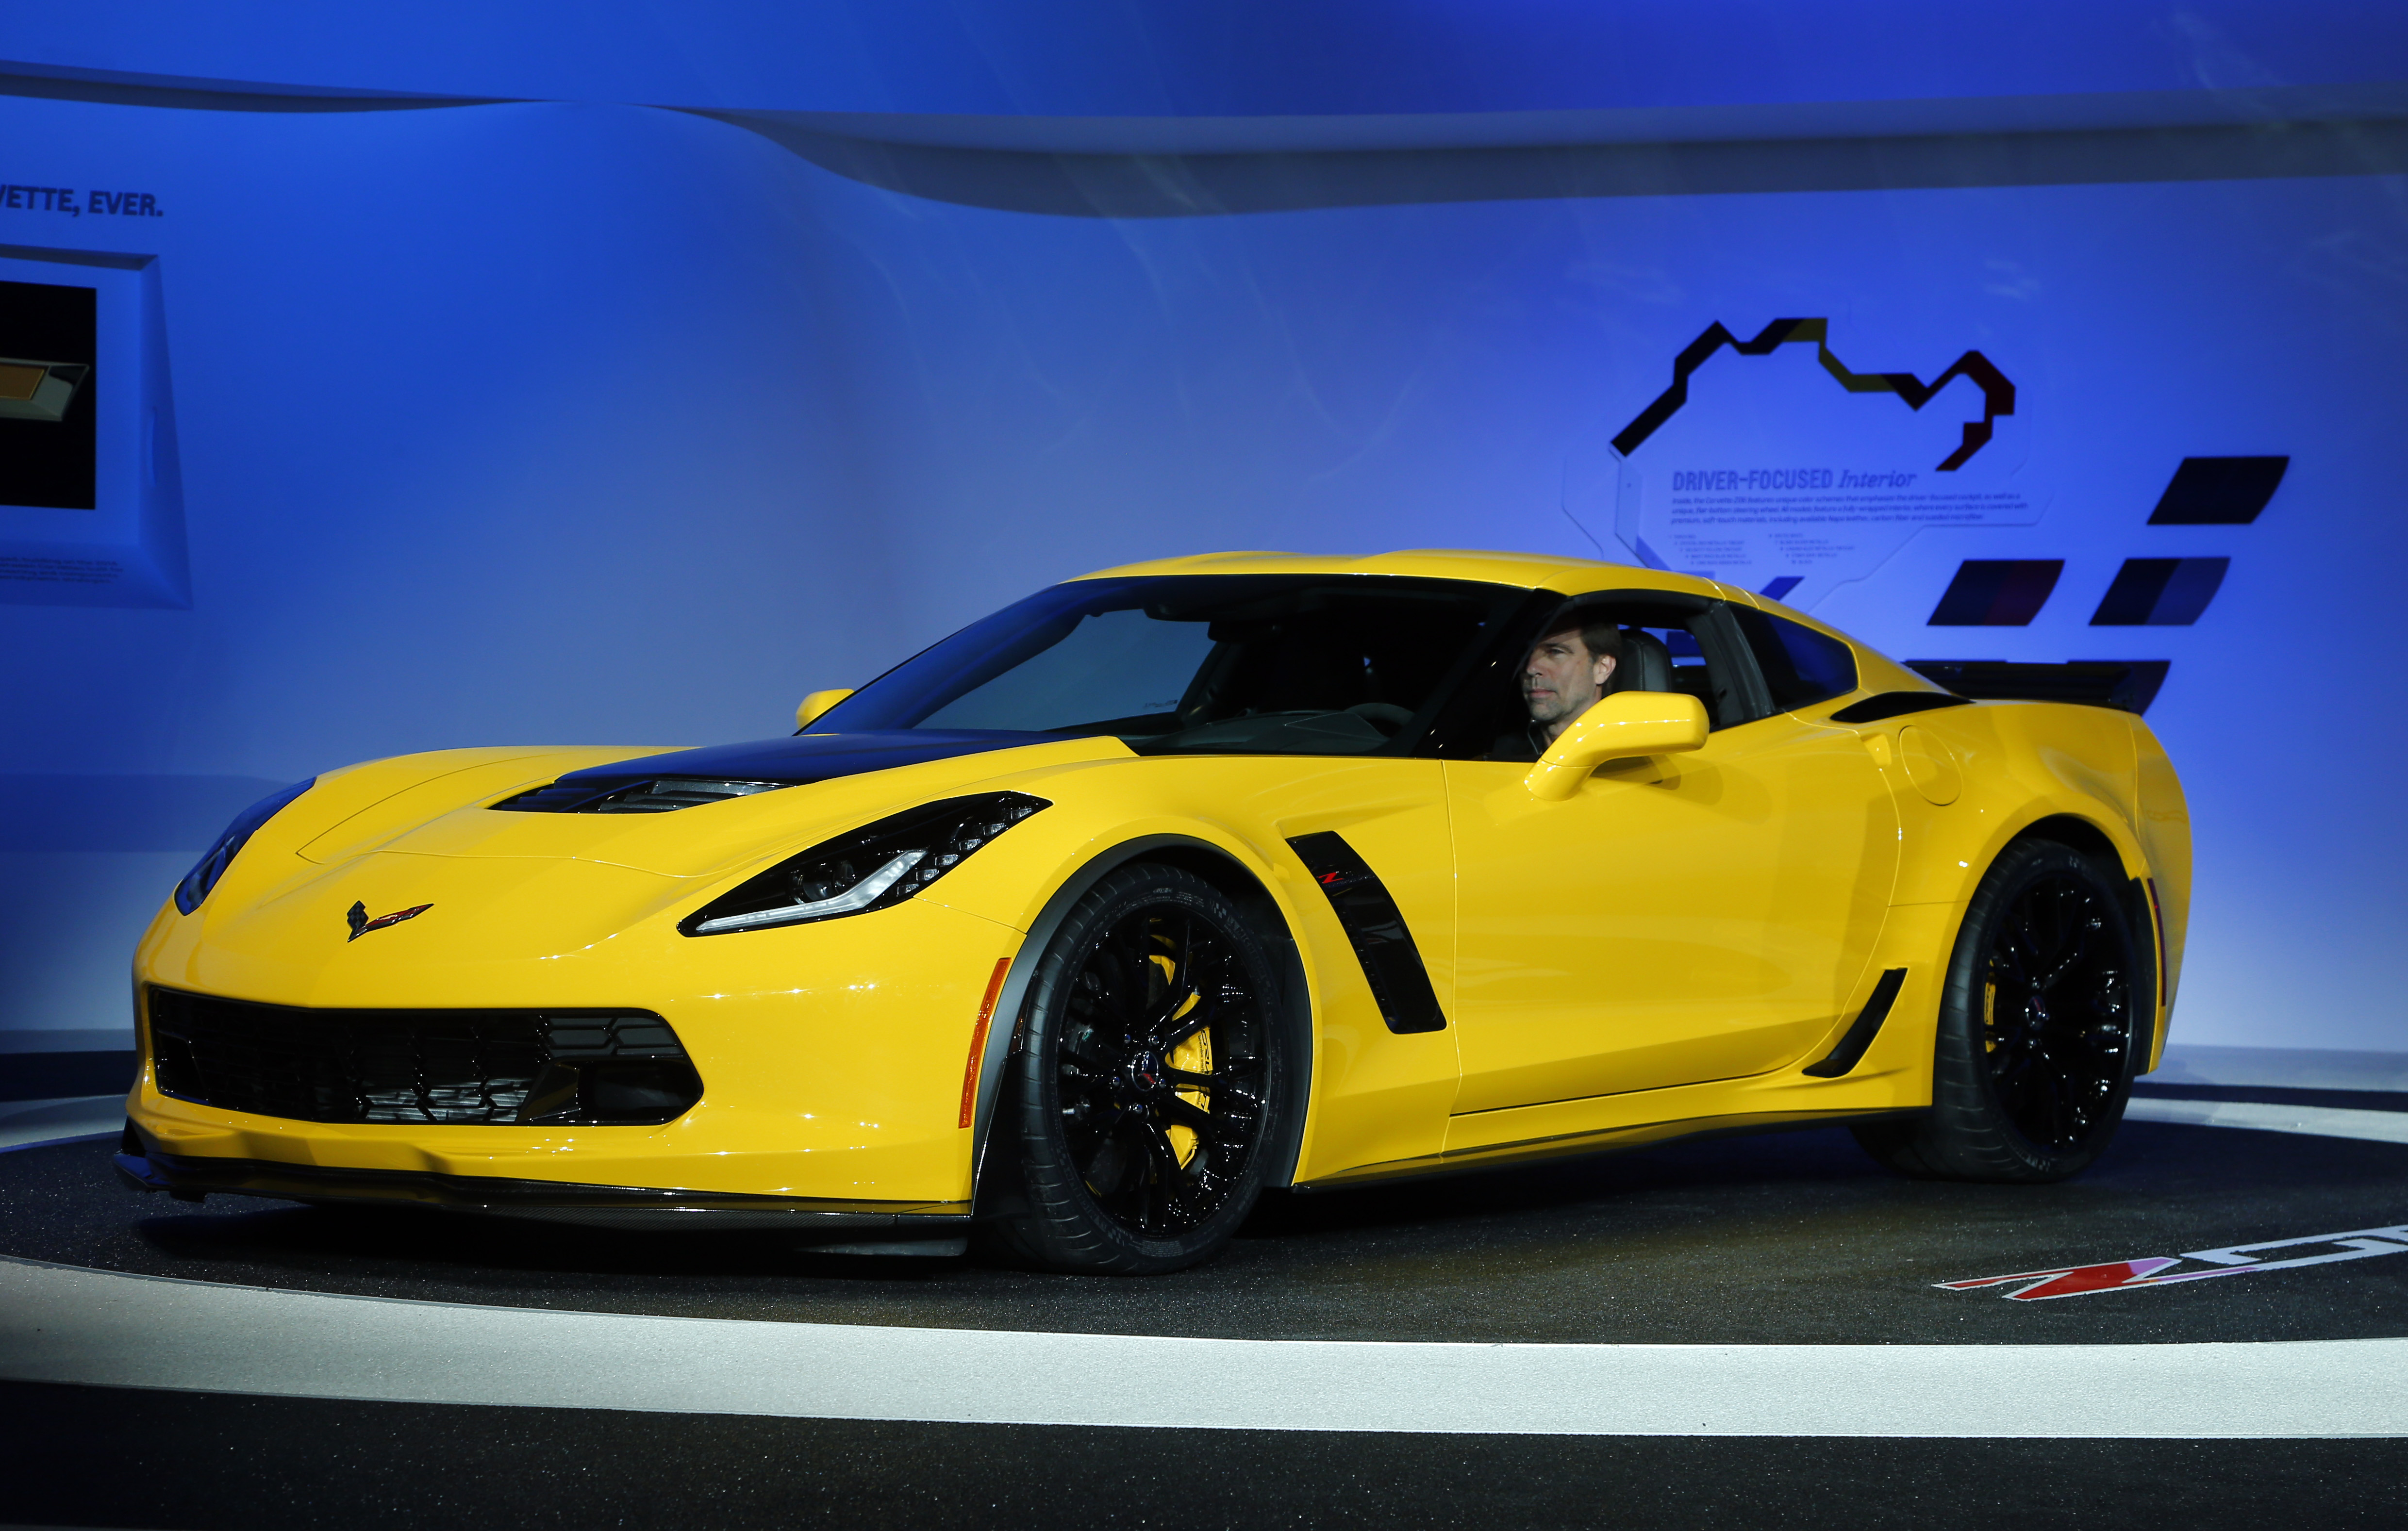 Detroit Hot Cars At The Detroit Auto Show